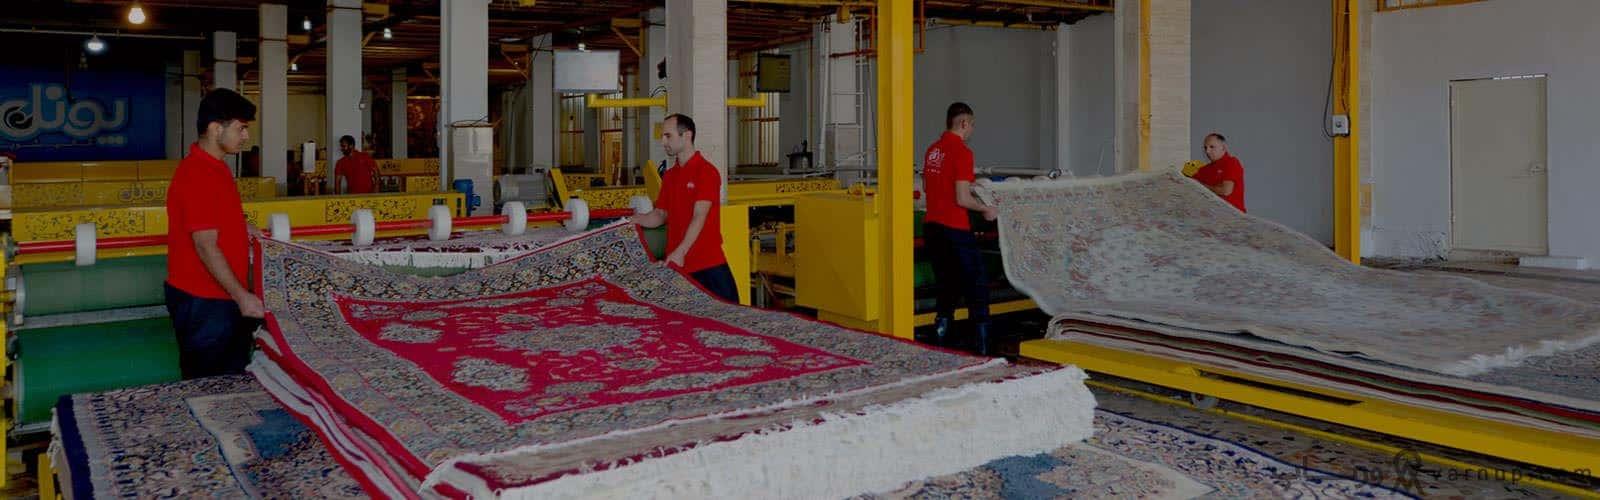 بزرگترین کارخانه قالیشویی پونل